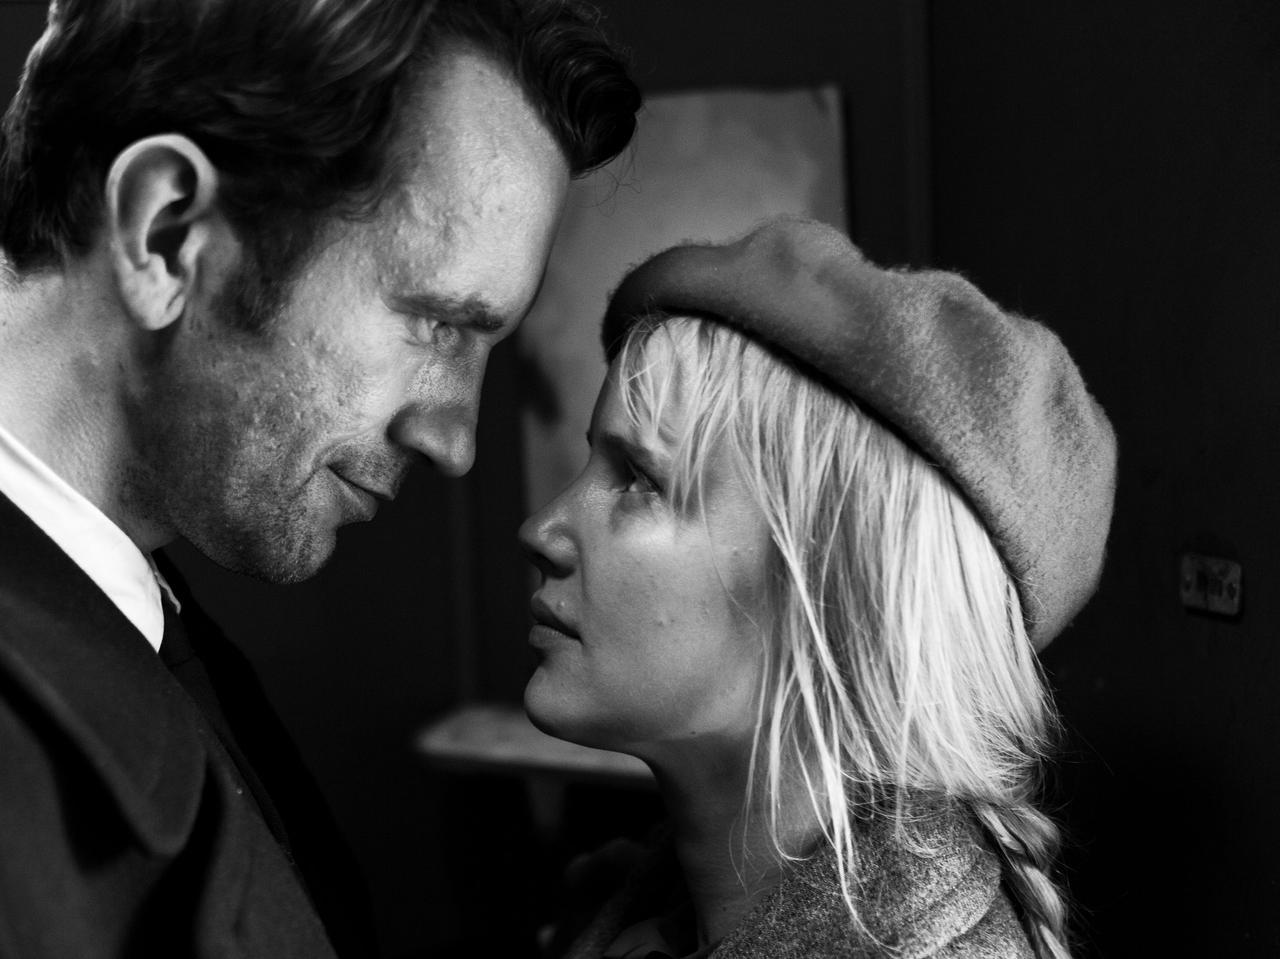 """画像5: 冷戦下、時代に翻弄される恋人たちの姿を 美しいモノクロ映像と名歌で描き出したラブストーリー 『COLD WAR あの歌、2つの心』 """"瞬きするのも惜しくなる""""場⾯写真⼀挙解禁!"""